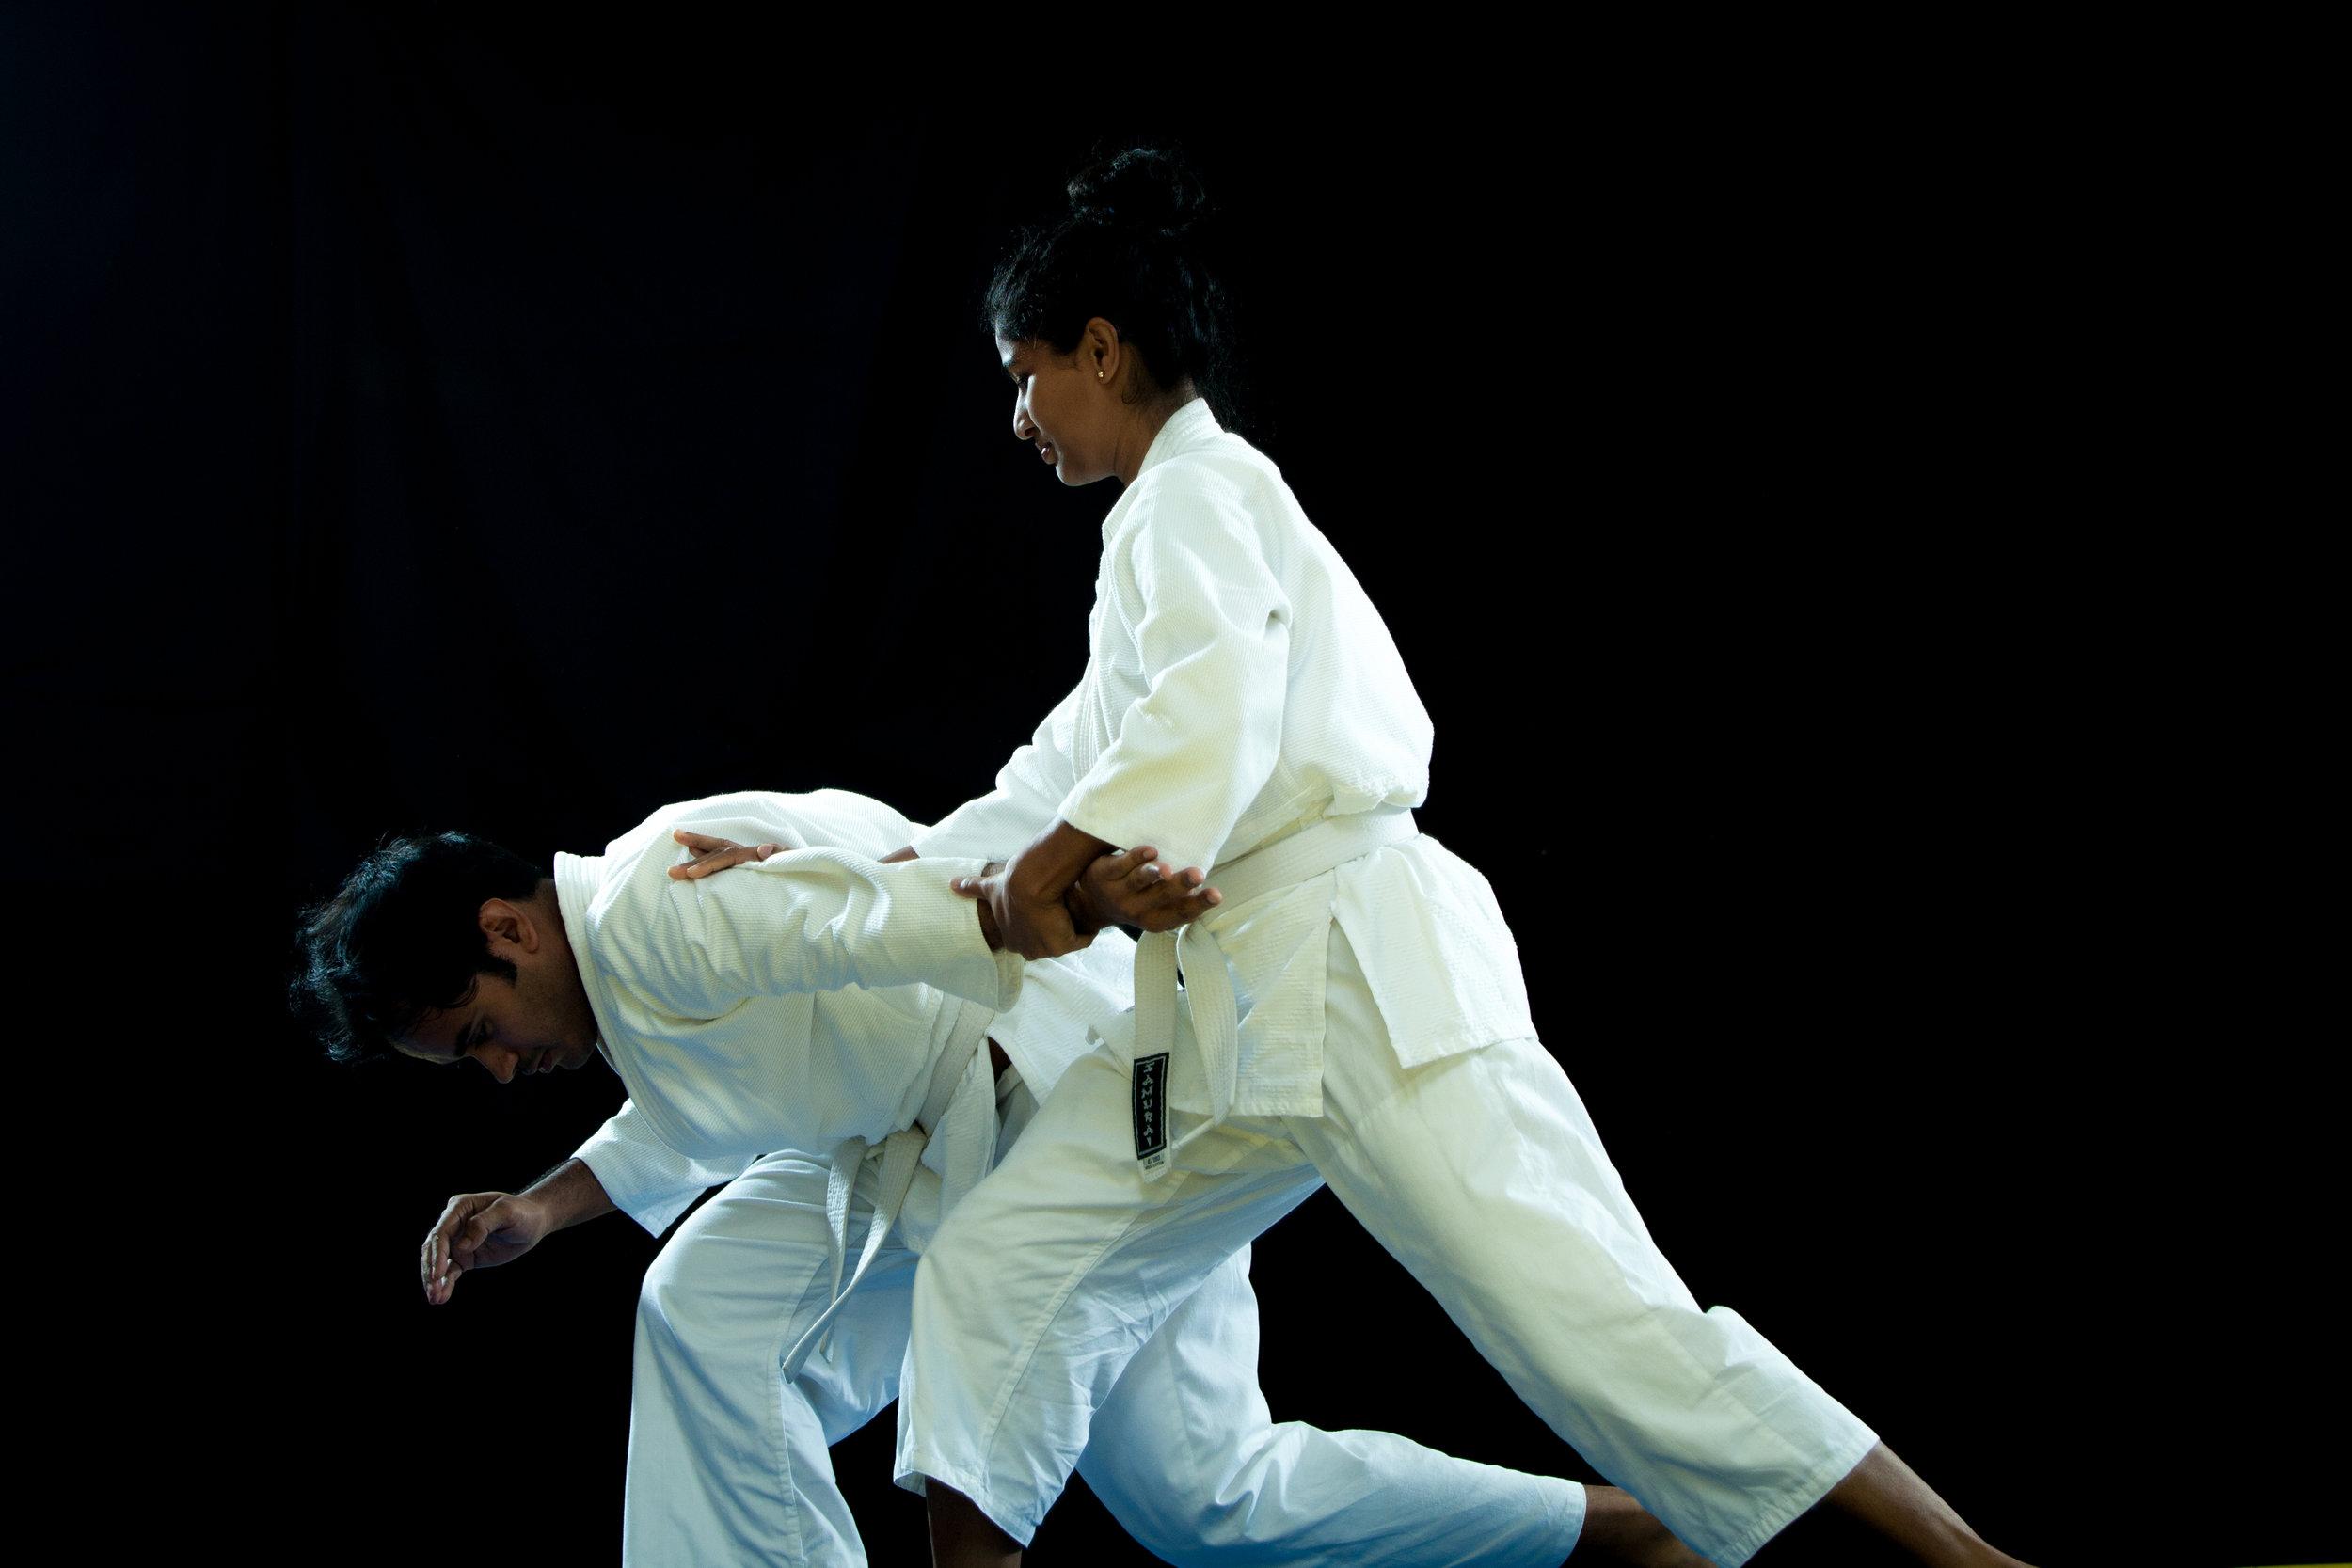 aikido-30.jpg